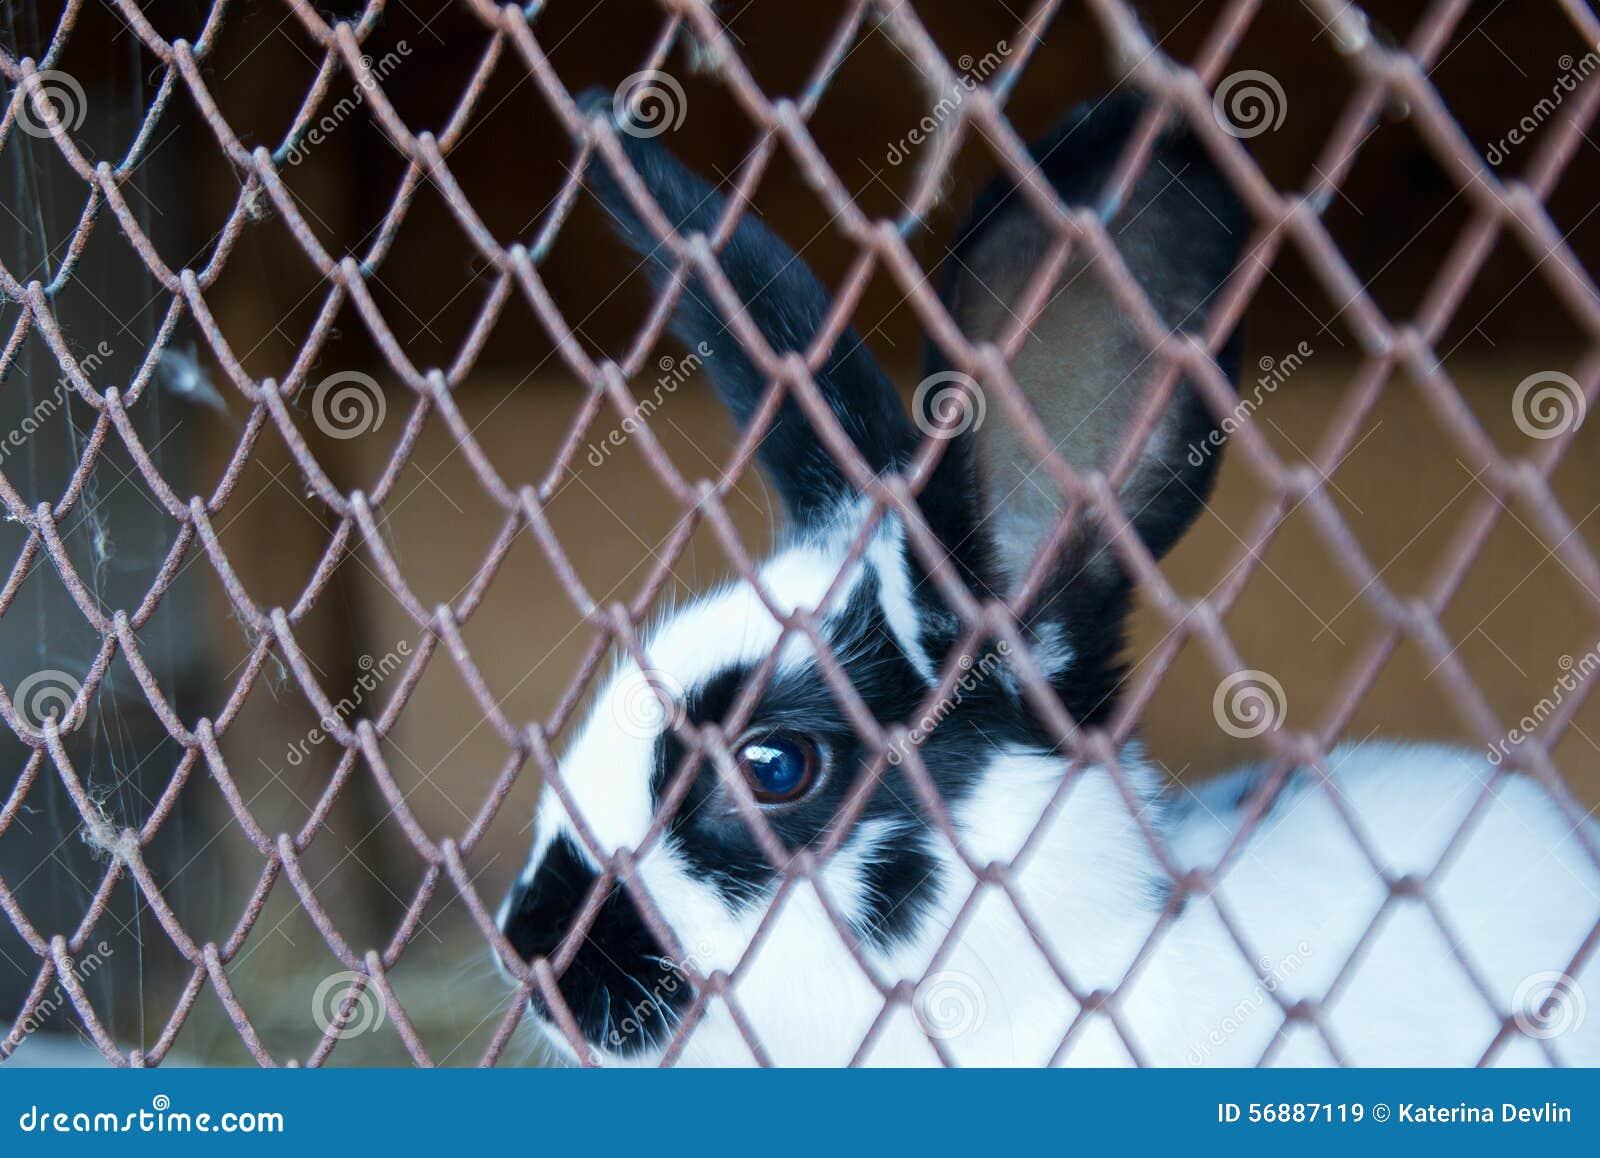 Coniglio di coniglietto in una gabbia